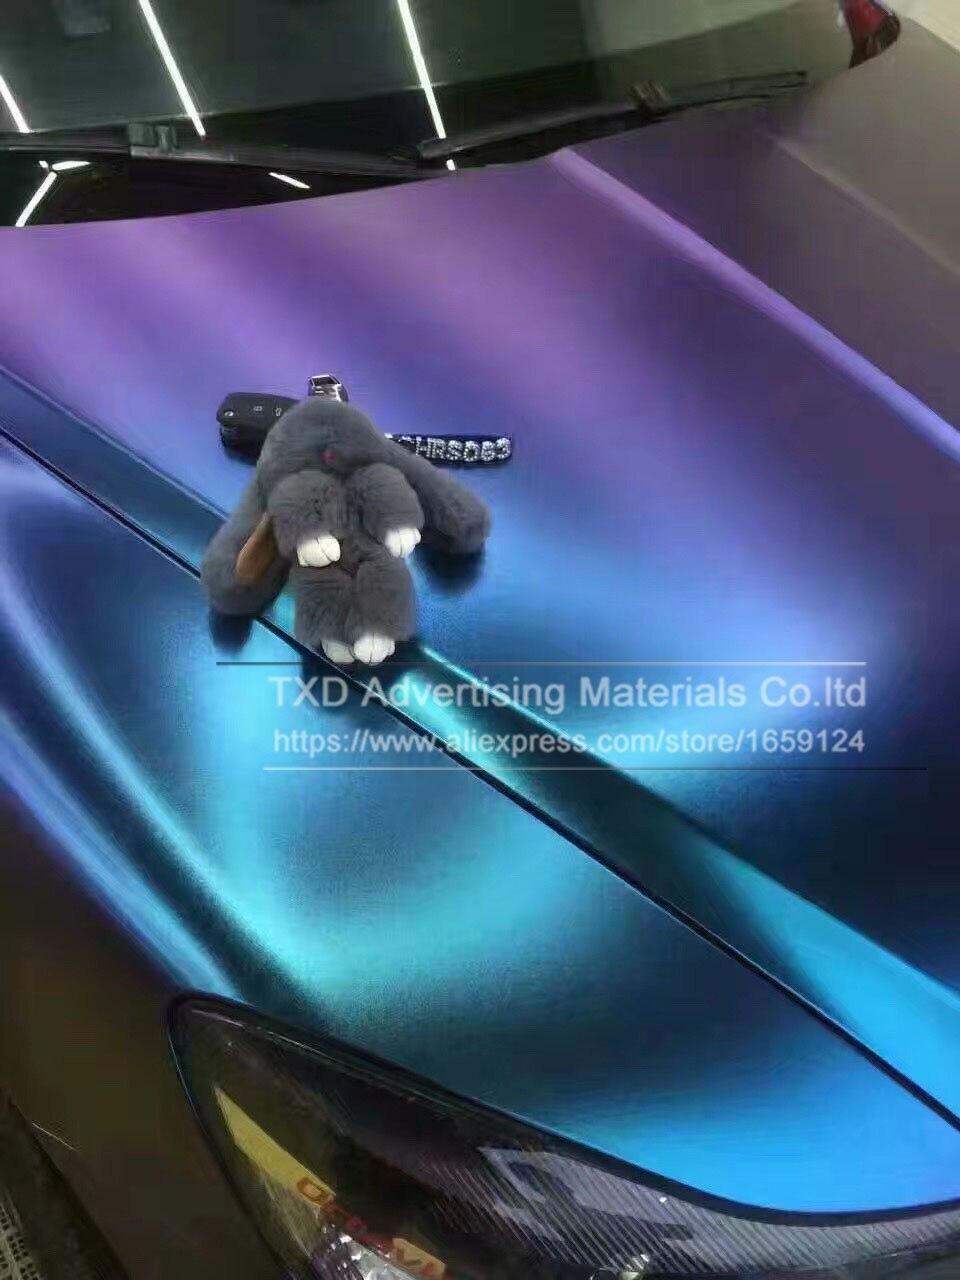 50X152 см/лот новейший жемчужный Блестящий хамелеоновый фильм с воздушными пузырьками жемчуг-хамелеон виниловая Автомобильная Наклейка